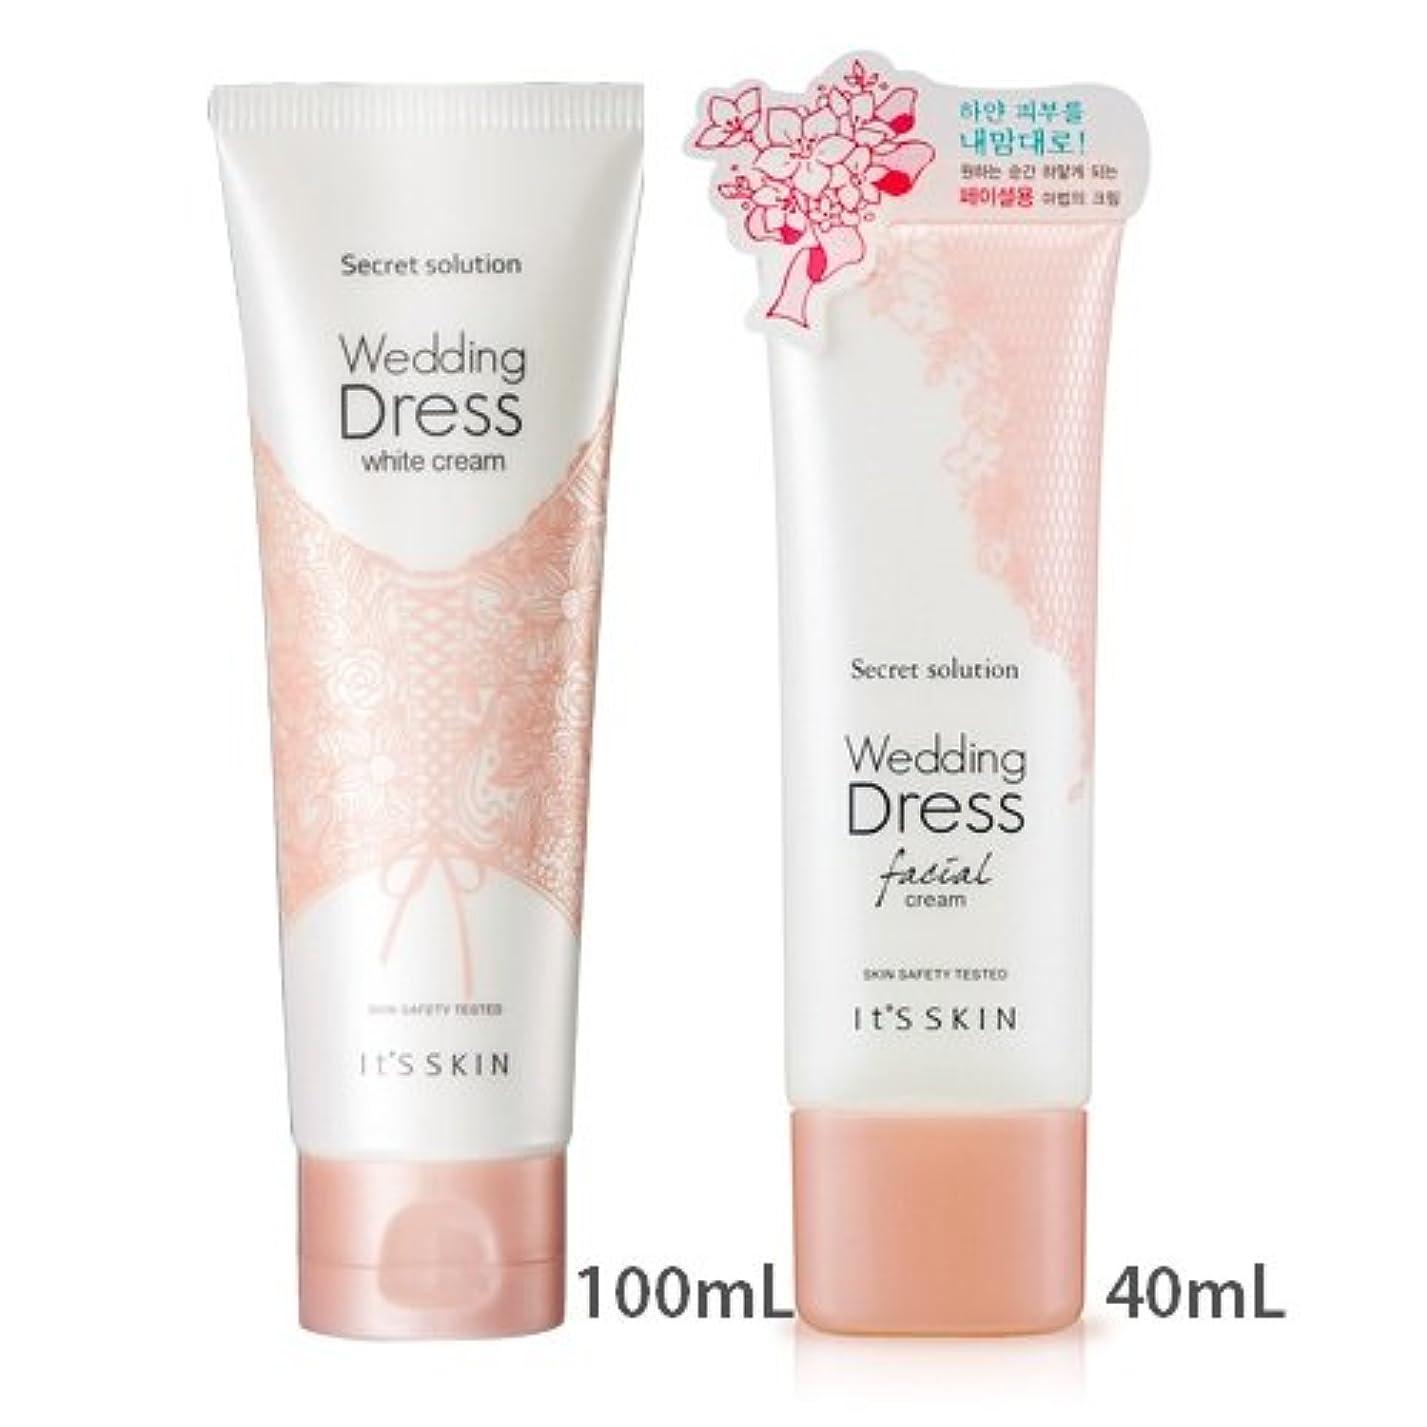 エキサイティング信頼できる修理可能[1+1] It's skin Secret Solution Wedding Dress Facial Cream 40mL + Secret Solution Wedding Dress Cream 100mL イッツスキン...